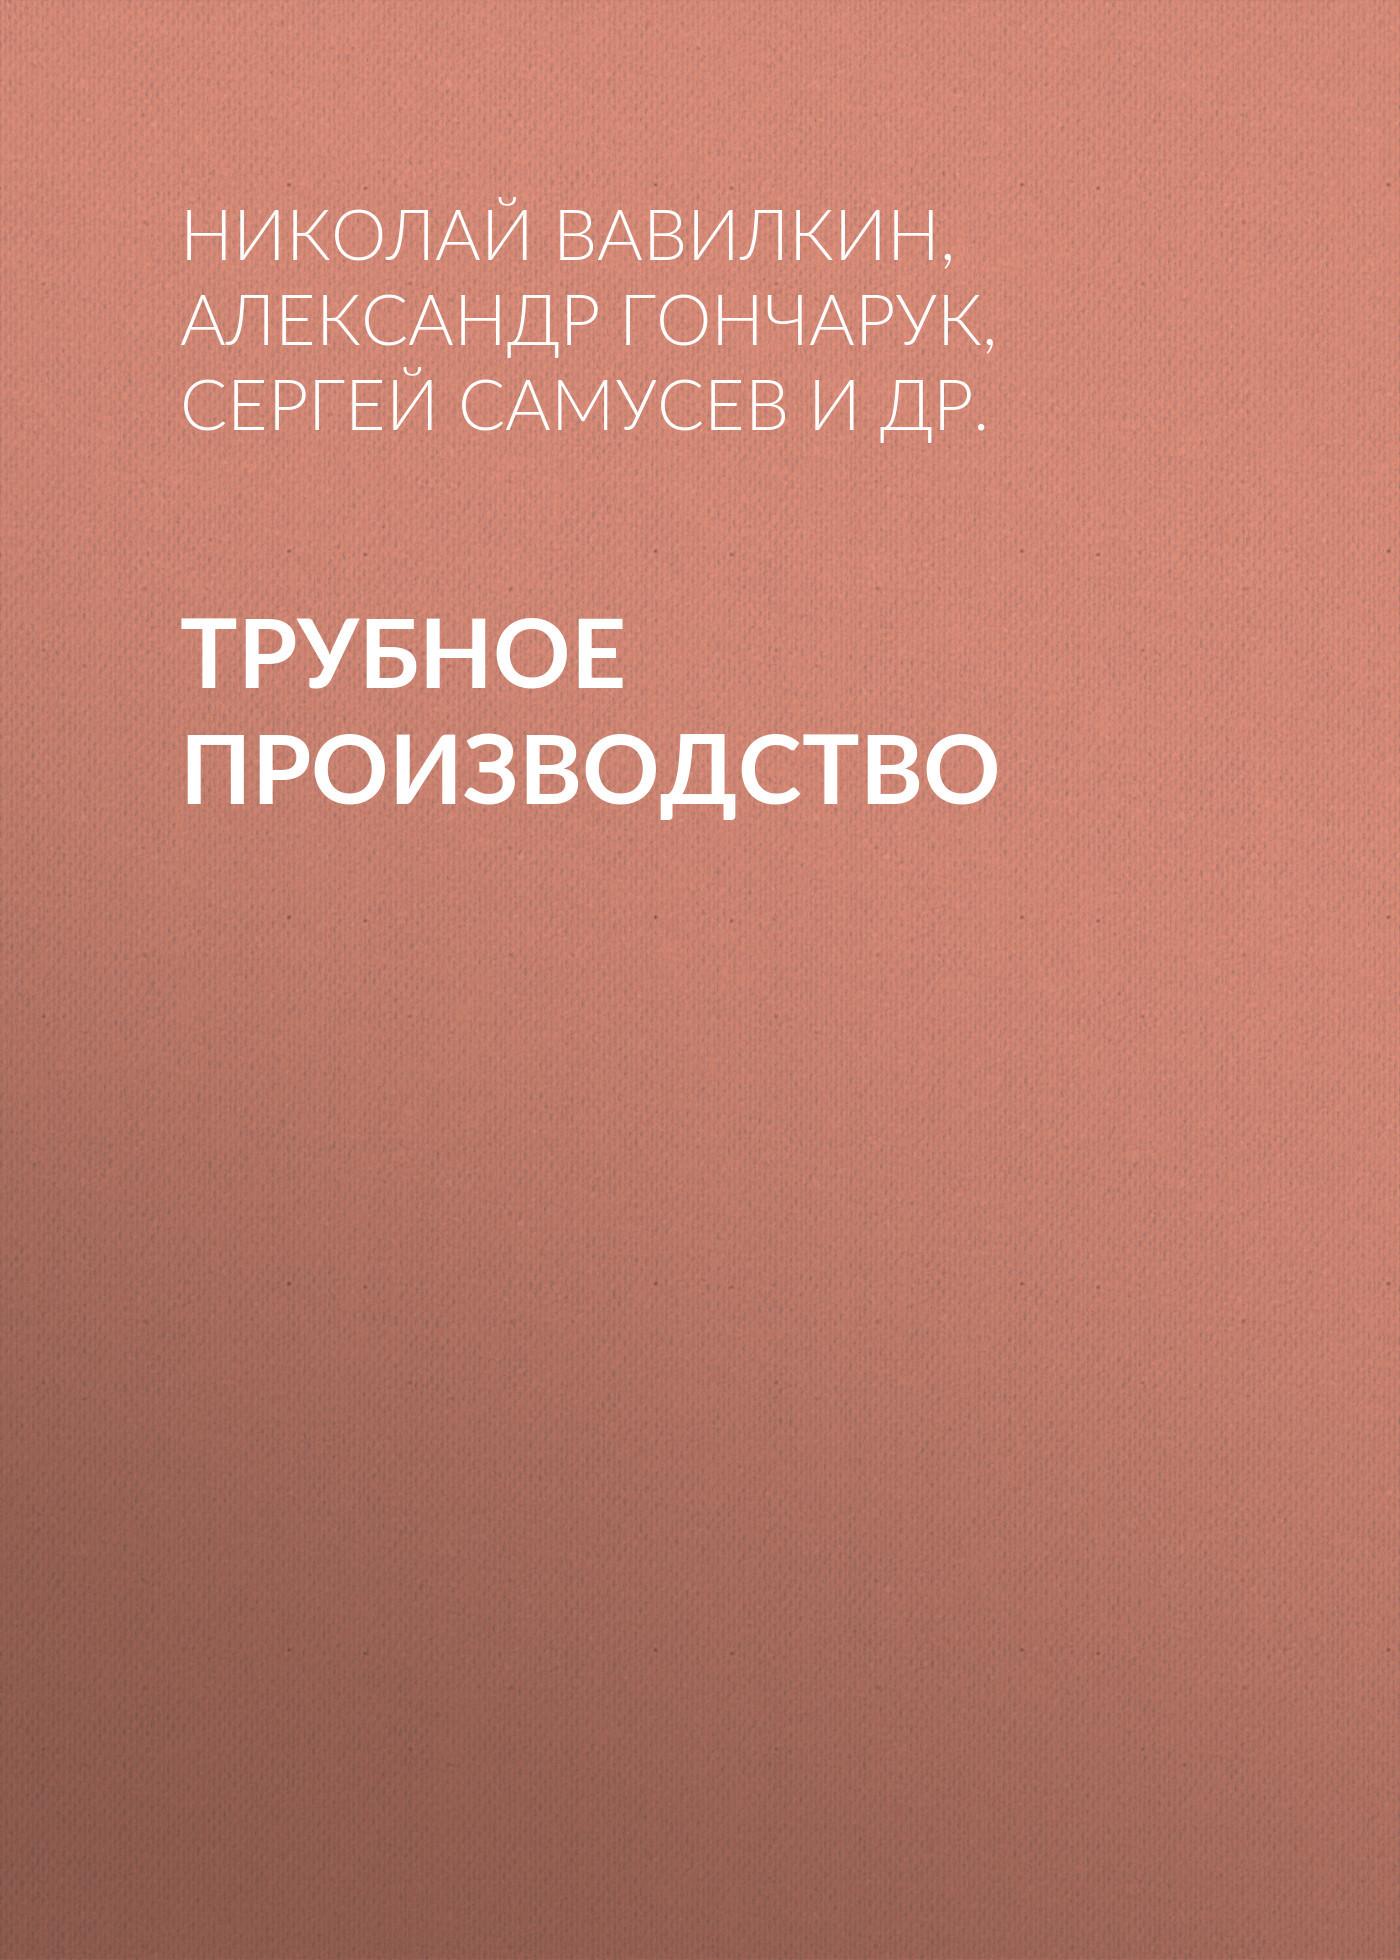 Александр Гончарук бесплатно